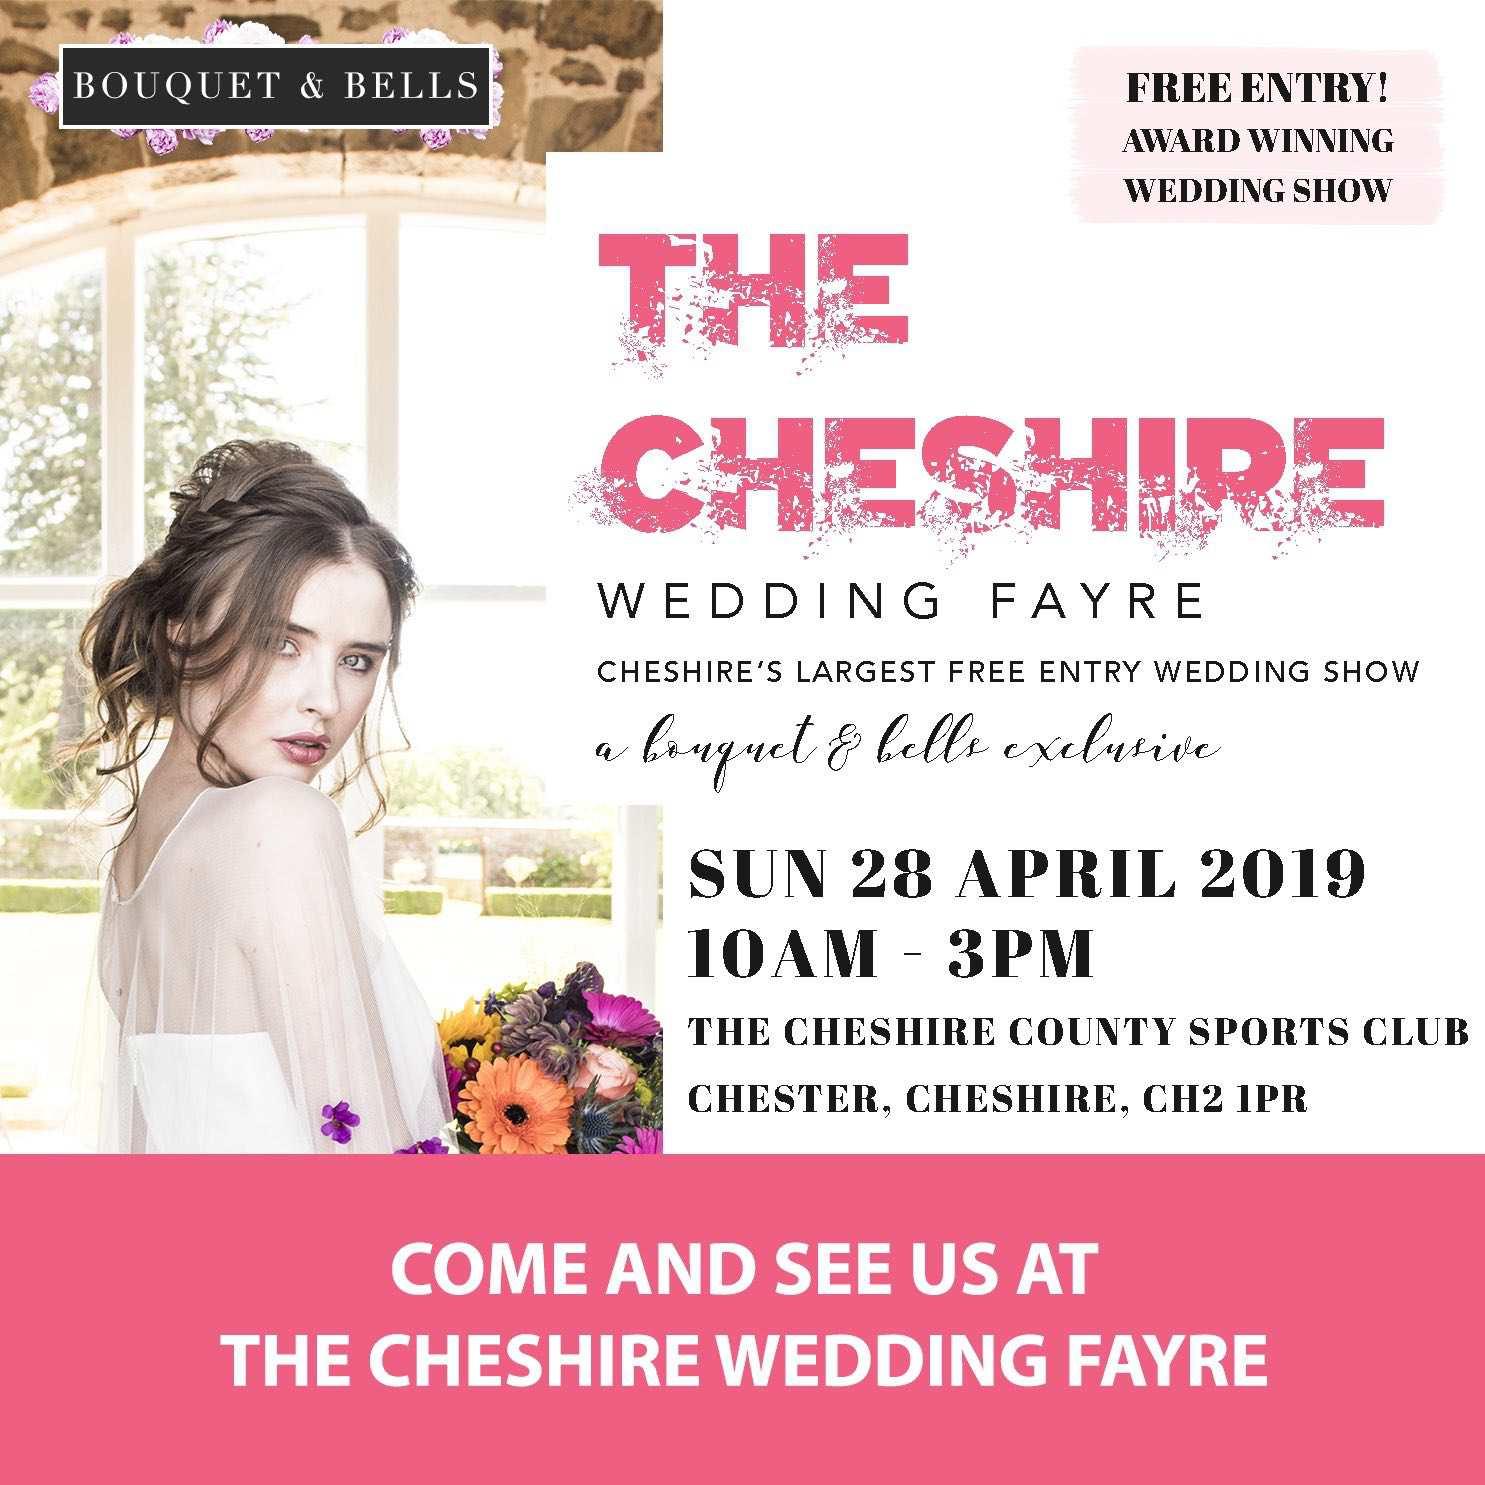 CHESHIRE WEDDING FAYRE